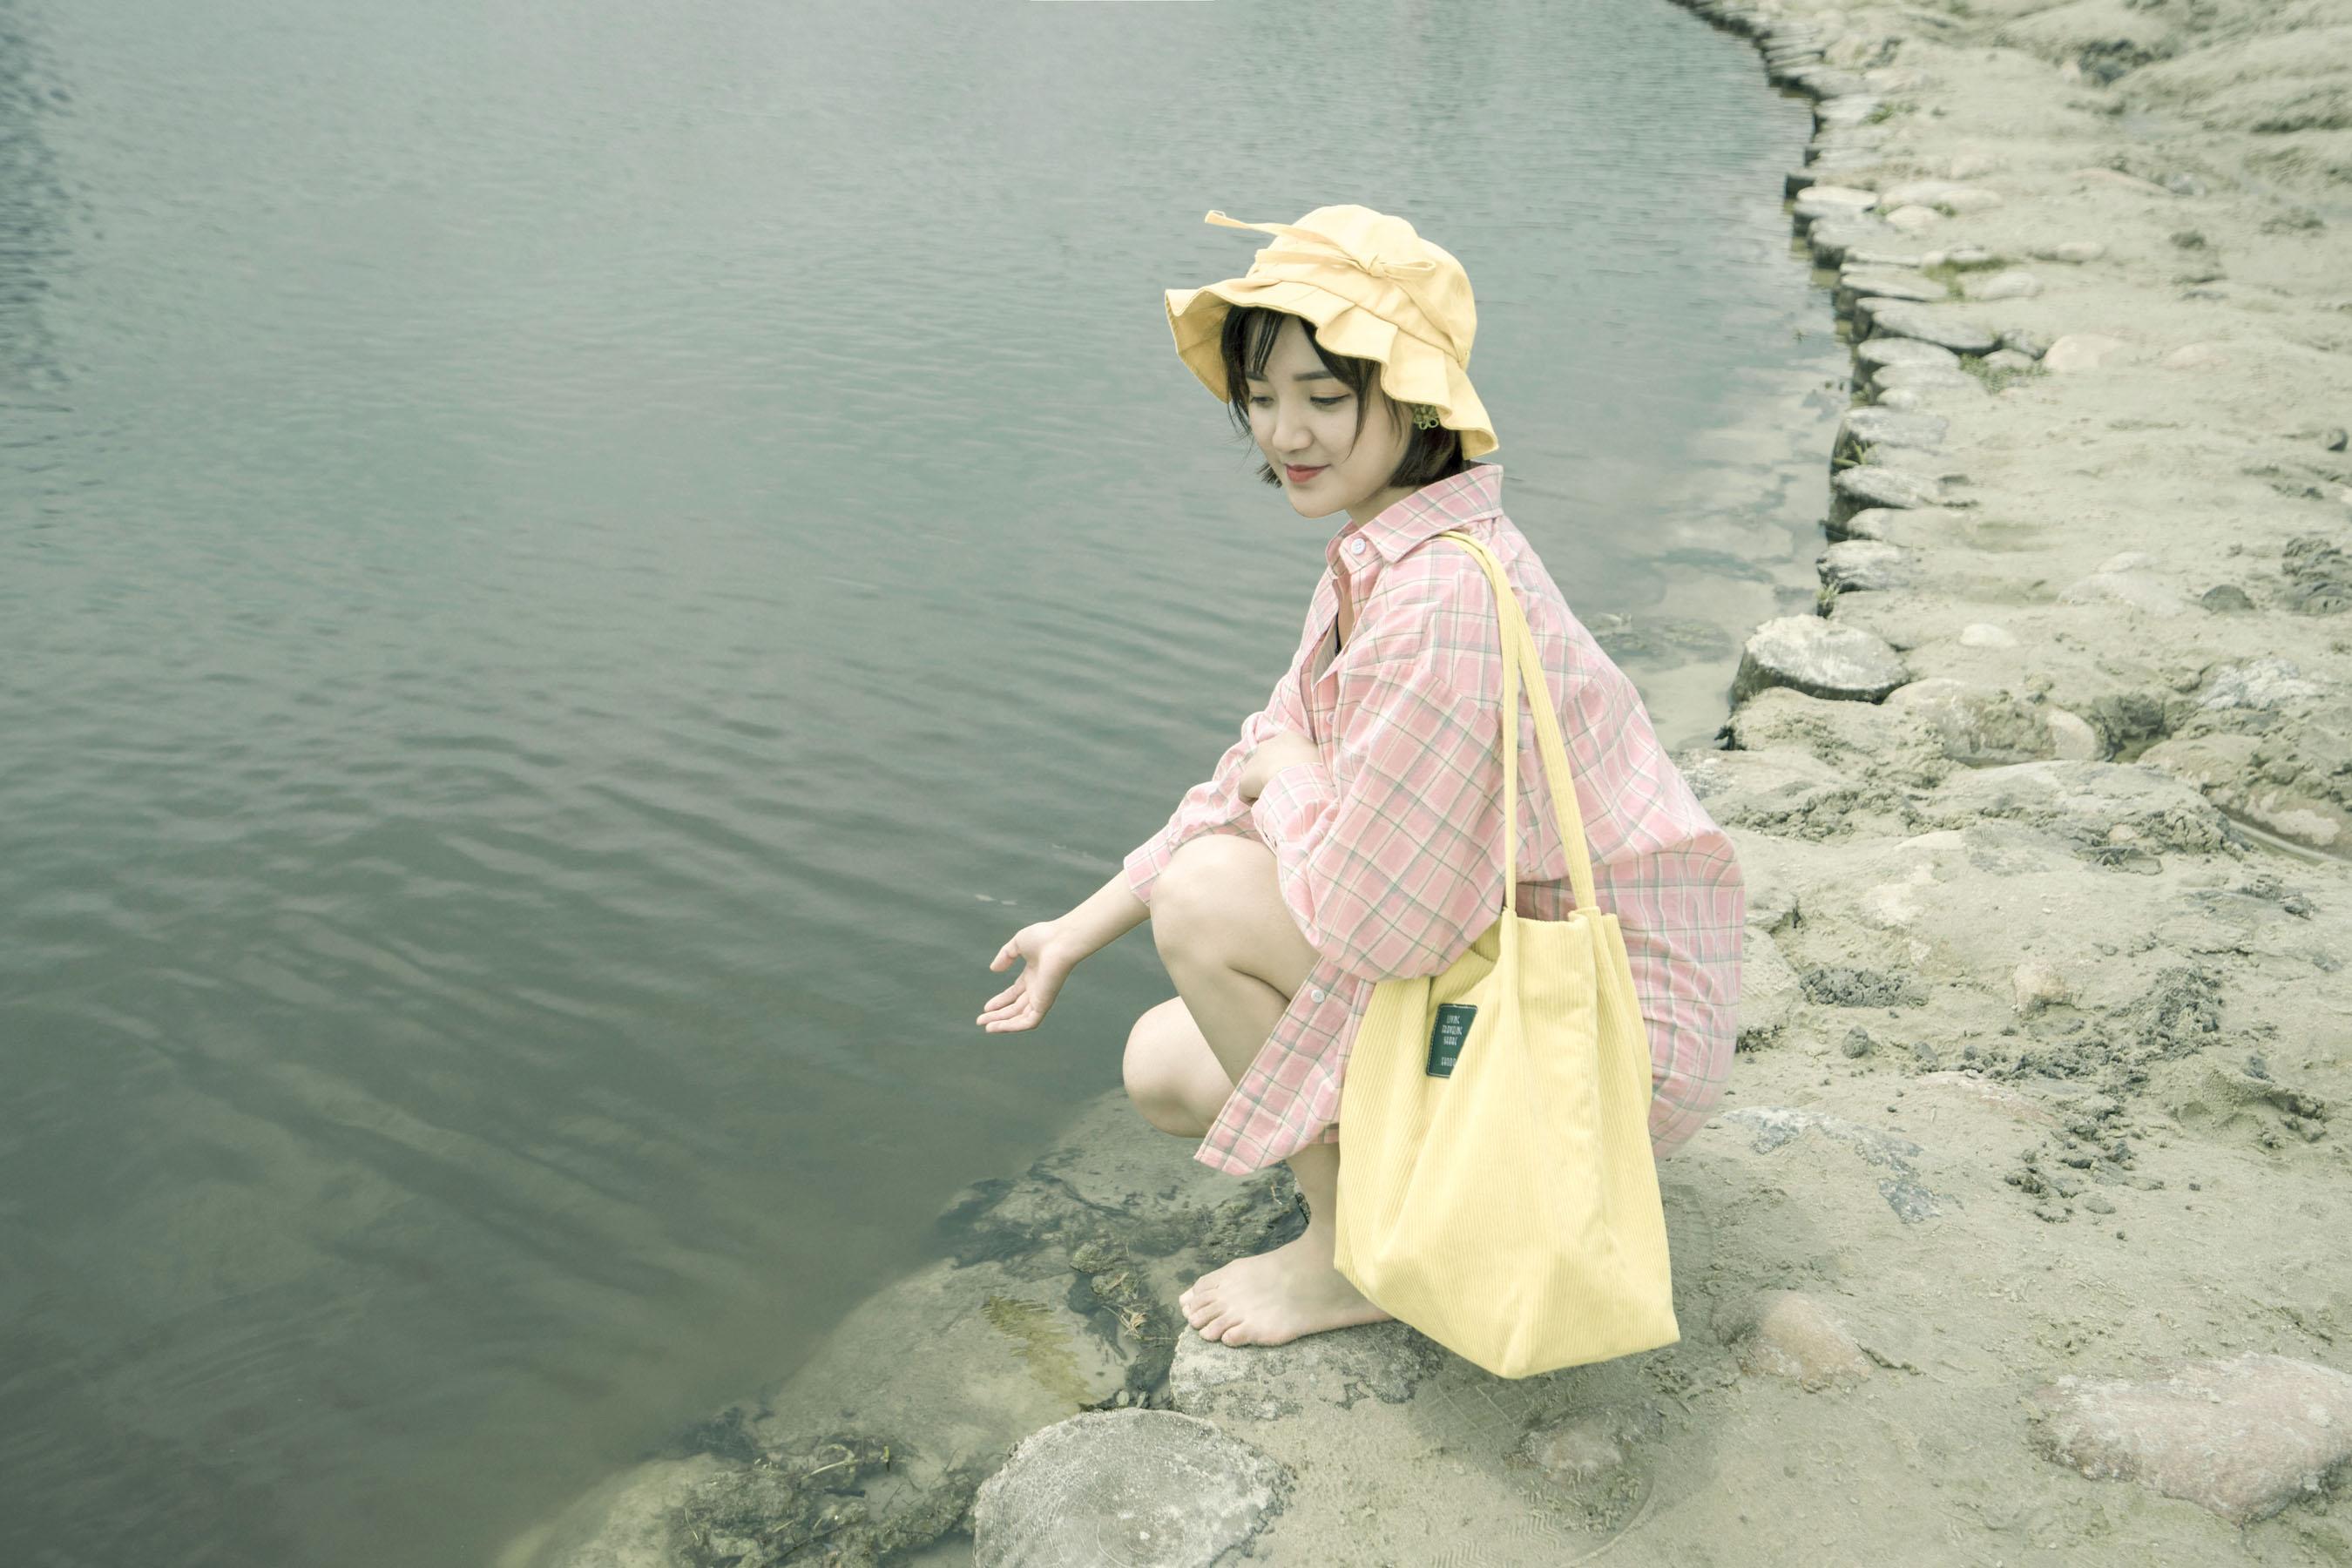 人像作品-湖边少女